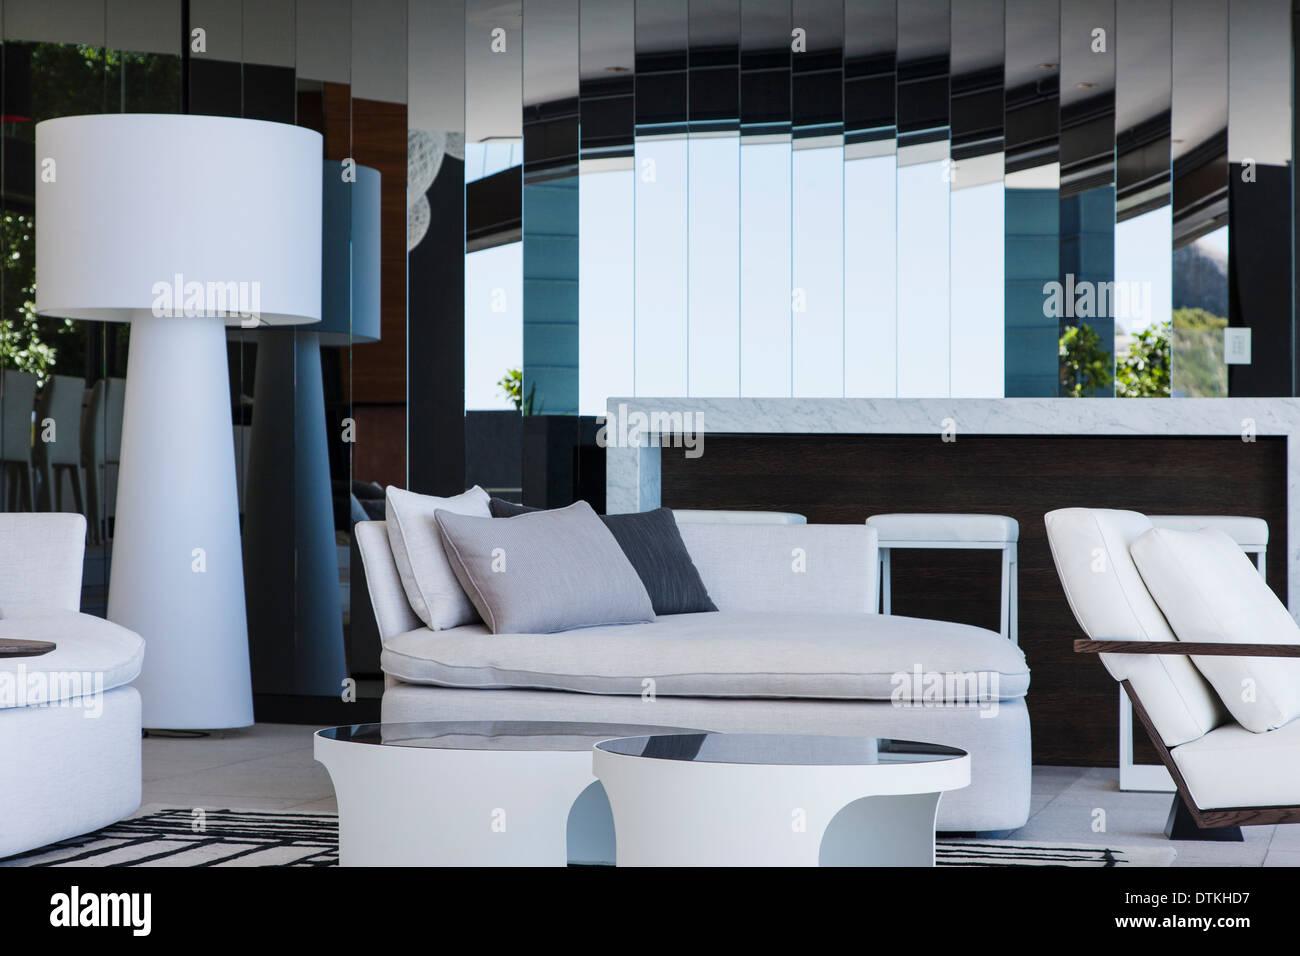 Sofa und Spiegel im modernen Wohnzimmer Stockfoto, Bild: 66813635 ...